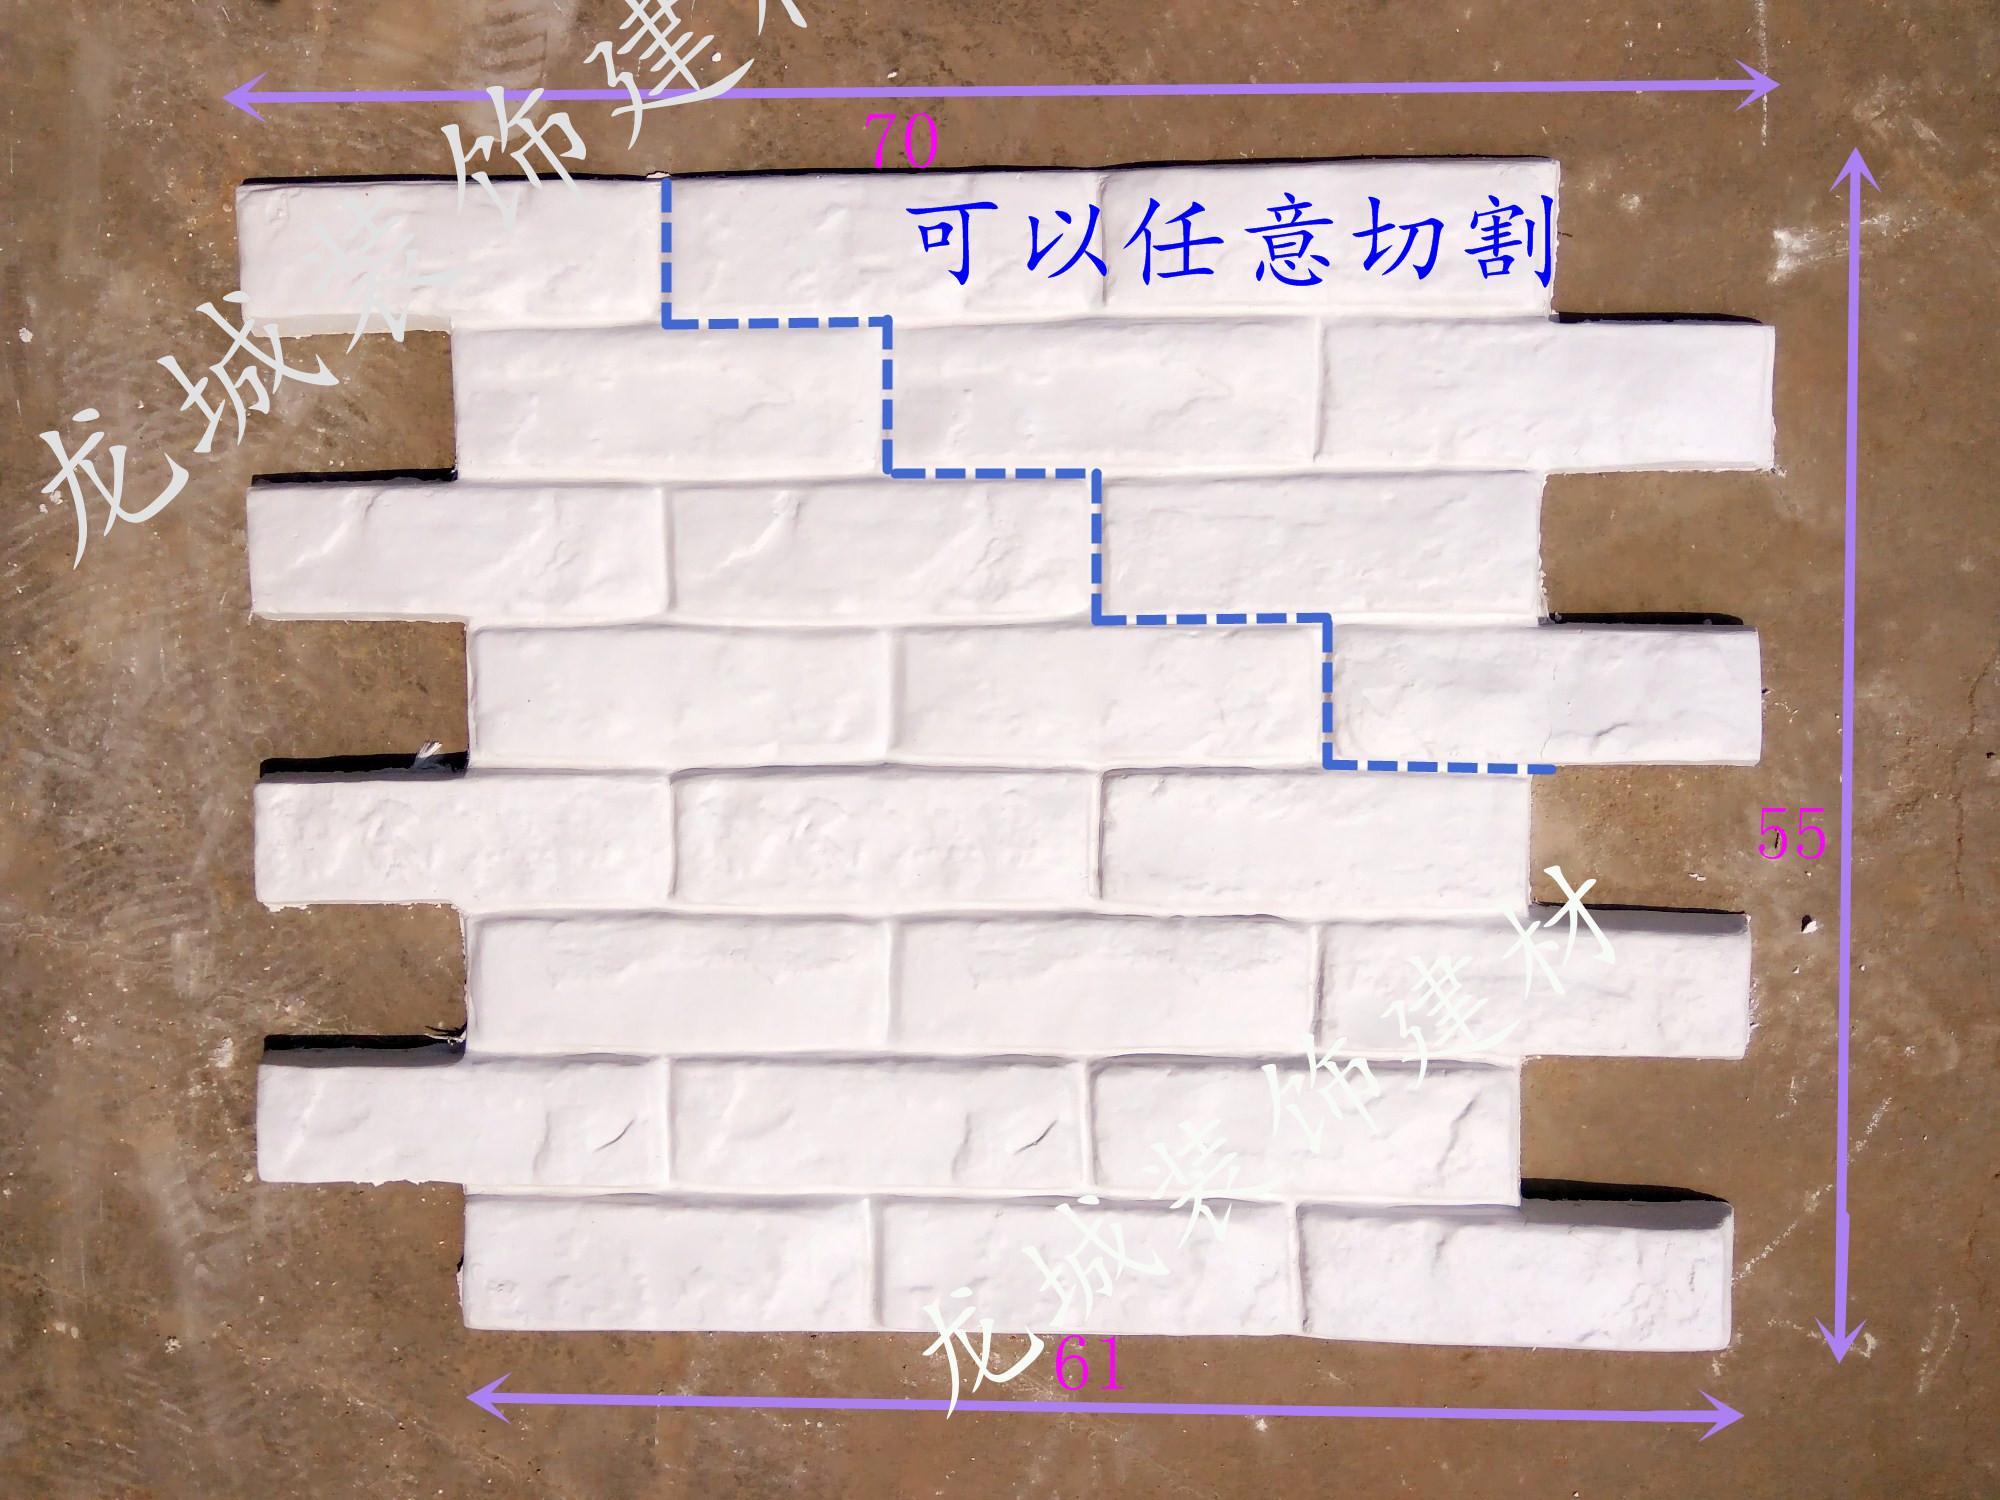 Камень крем кирпич культура из кирпич культура из кирпичная кладка крем белая линия кирпич античный кирпич телевидение фон стена камень крем культура из камень